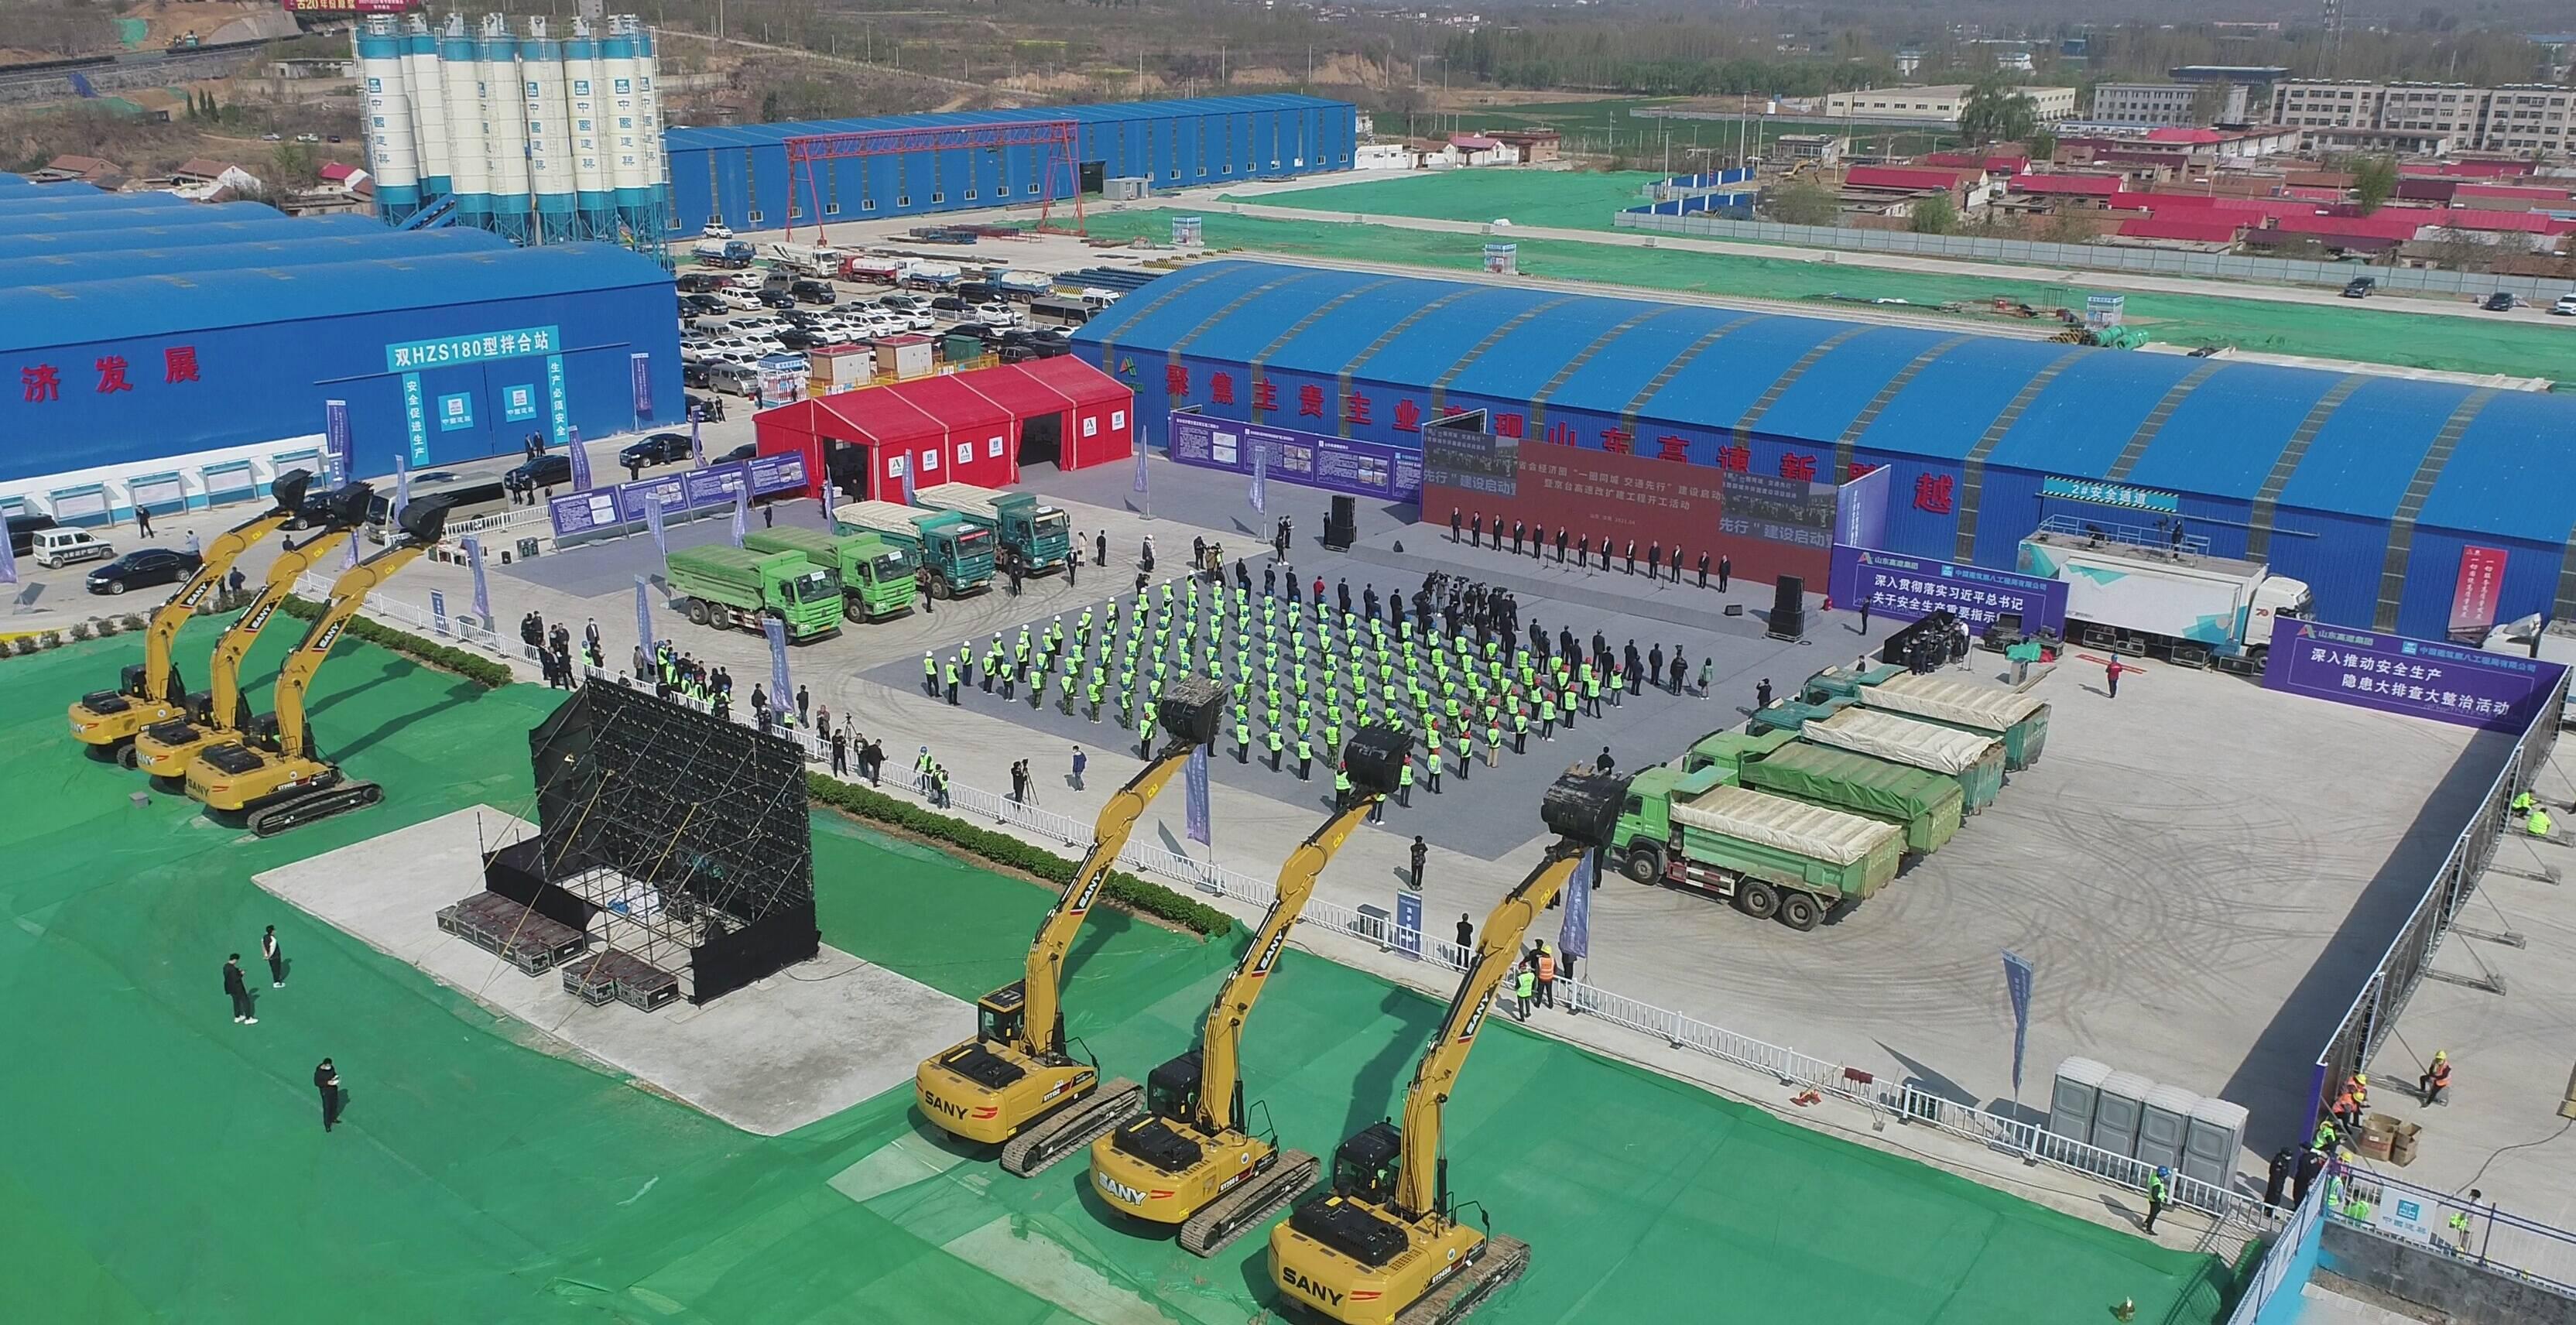 京台高速济泰段改扩建工程开工 到2025年省会经济圈高速公路总里程达到3500公里